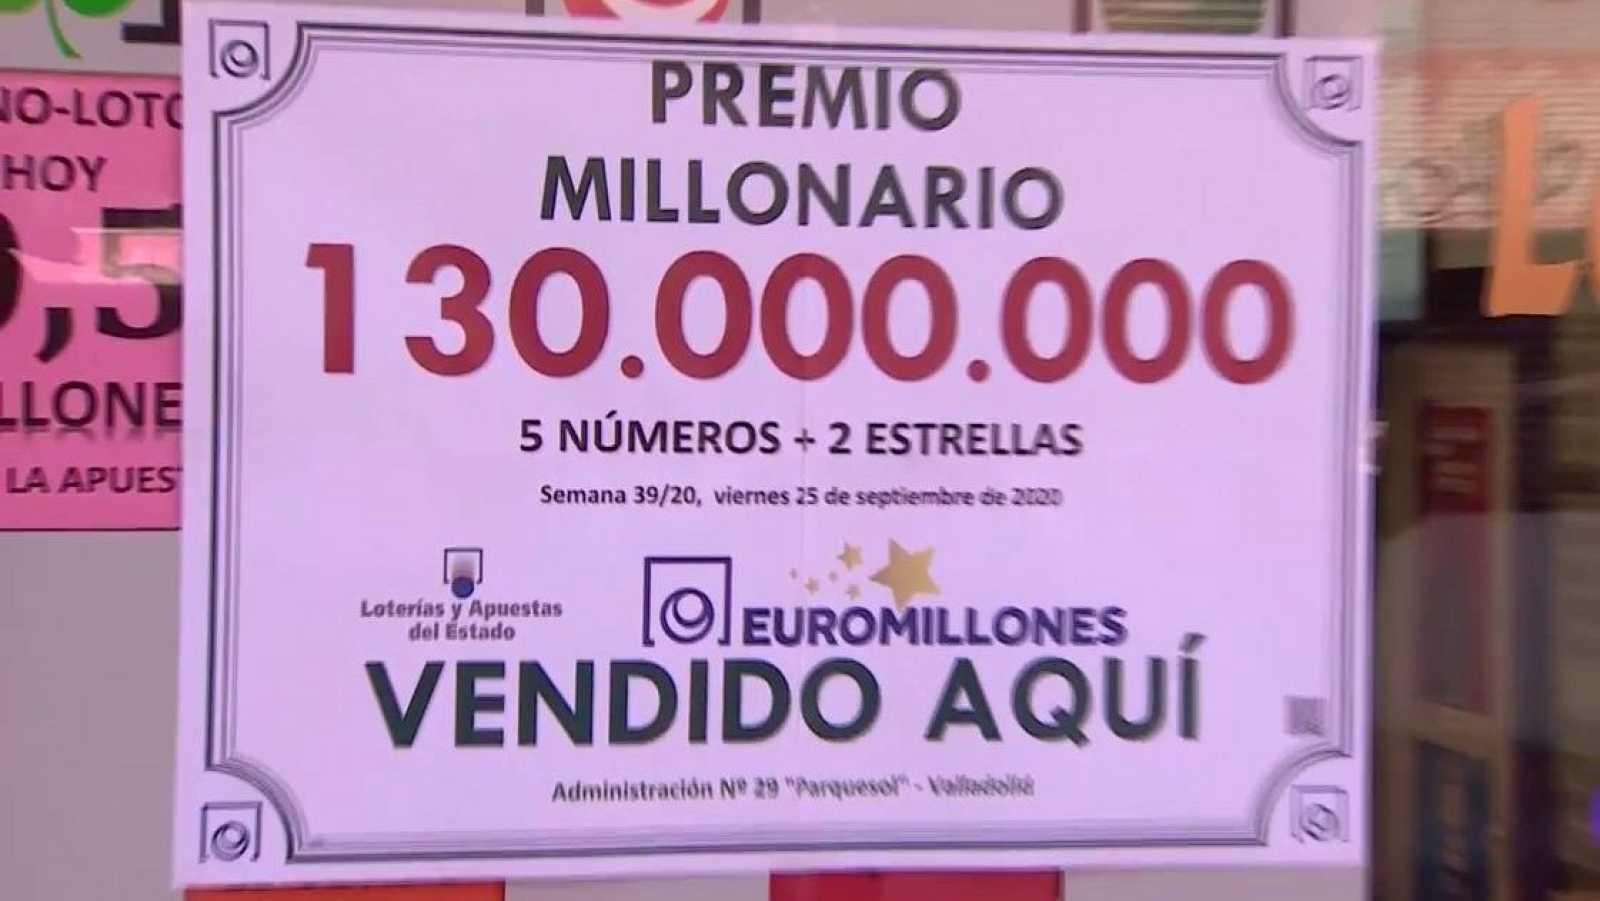 Un vecino de Valladolid gana el premio histórico de 130 millones del Euromillones